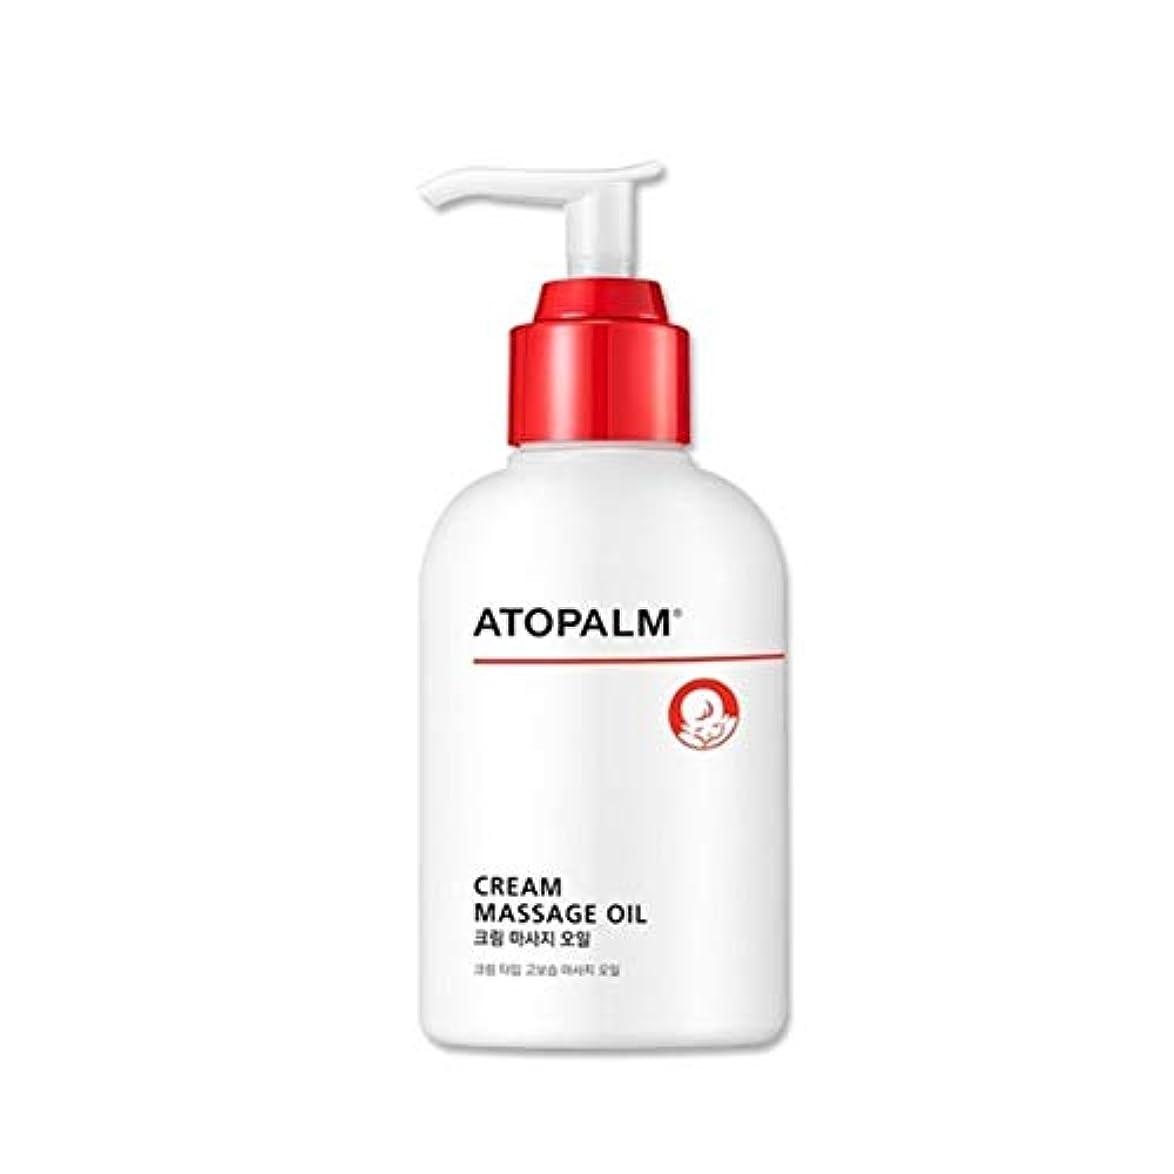 マイク動脈ずるいアトパムクリームマッサージオイル200ml韓国コスメ、Atopalm Cream Massage Oil 200ml Korean Cosmetics [並行輸入品]